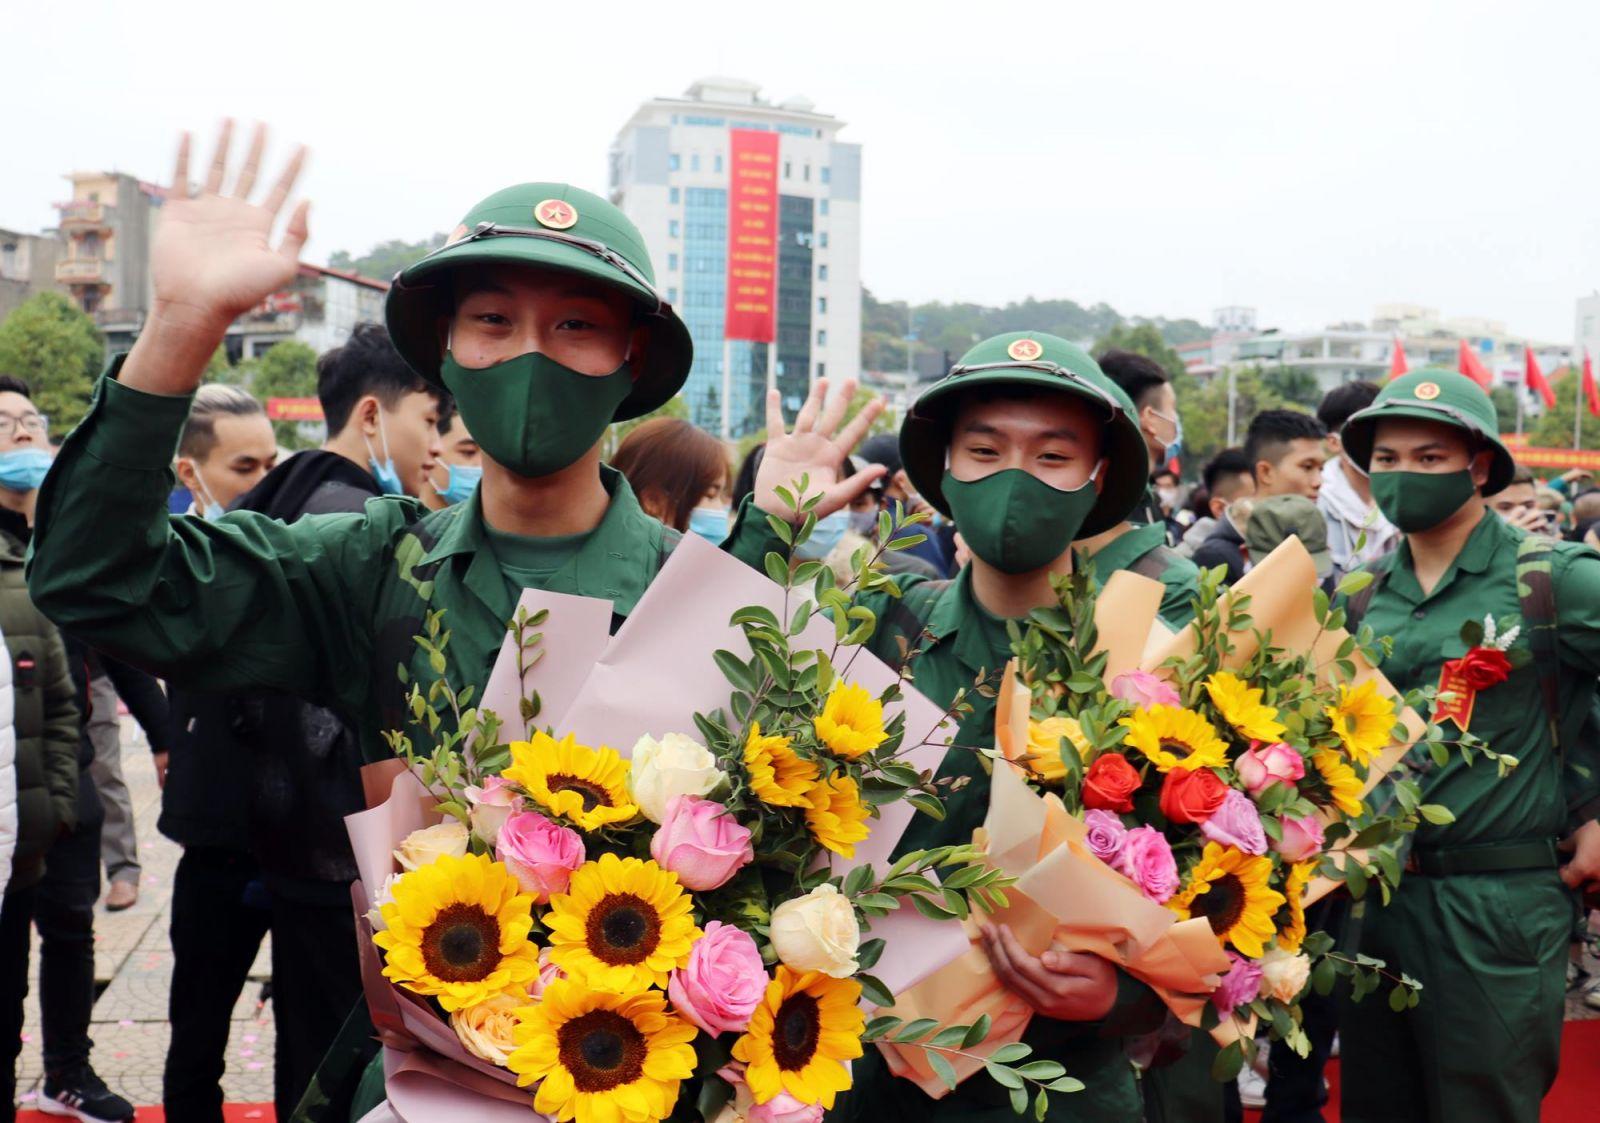 Sáng 3/3, 13/13 huyện, thị xã, thành phố trên địa bàn tỉnh Quảng Ninh đồng loạt tổ chức lễ giao nhận quân năm 2021.